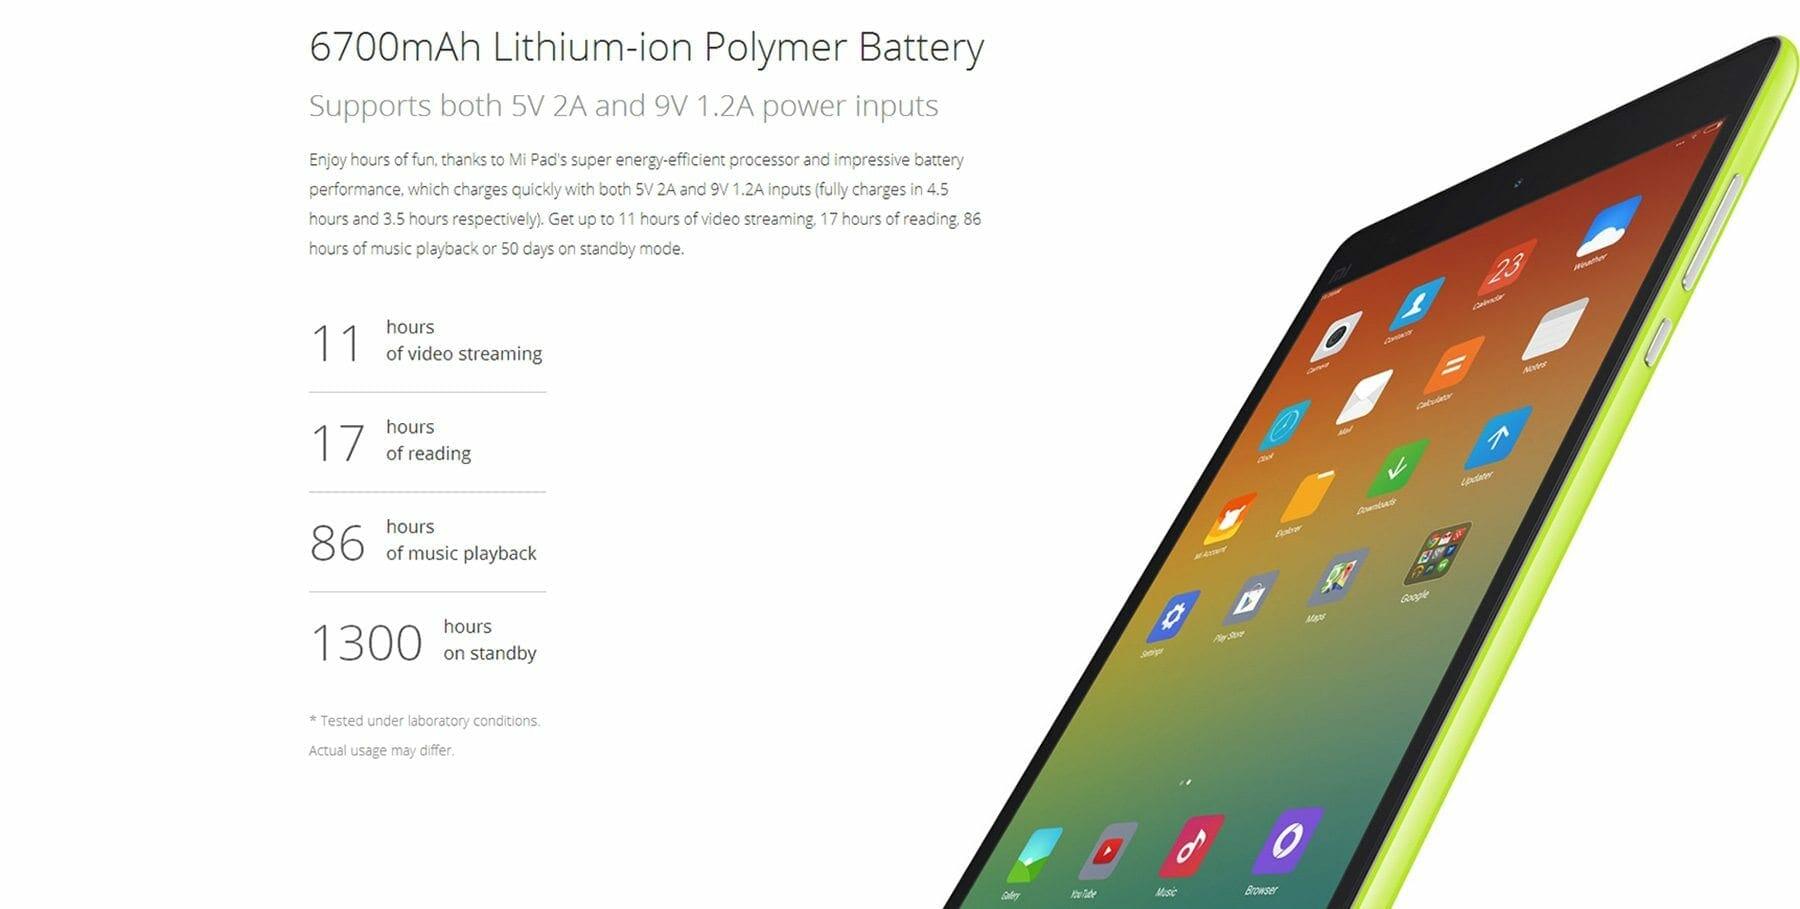 XiaoMi Mi Pad Battery - XiaoMi Mi Pad 8MP Camera, 2GB Ram and 6700 mAh Battery